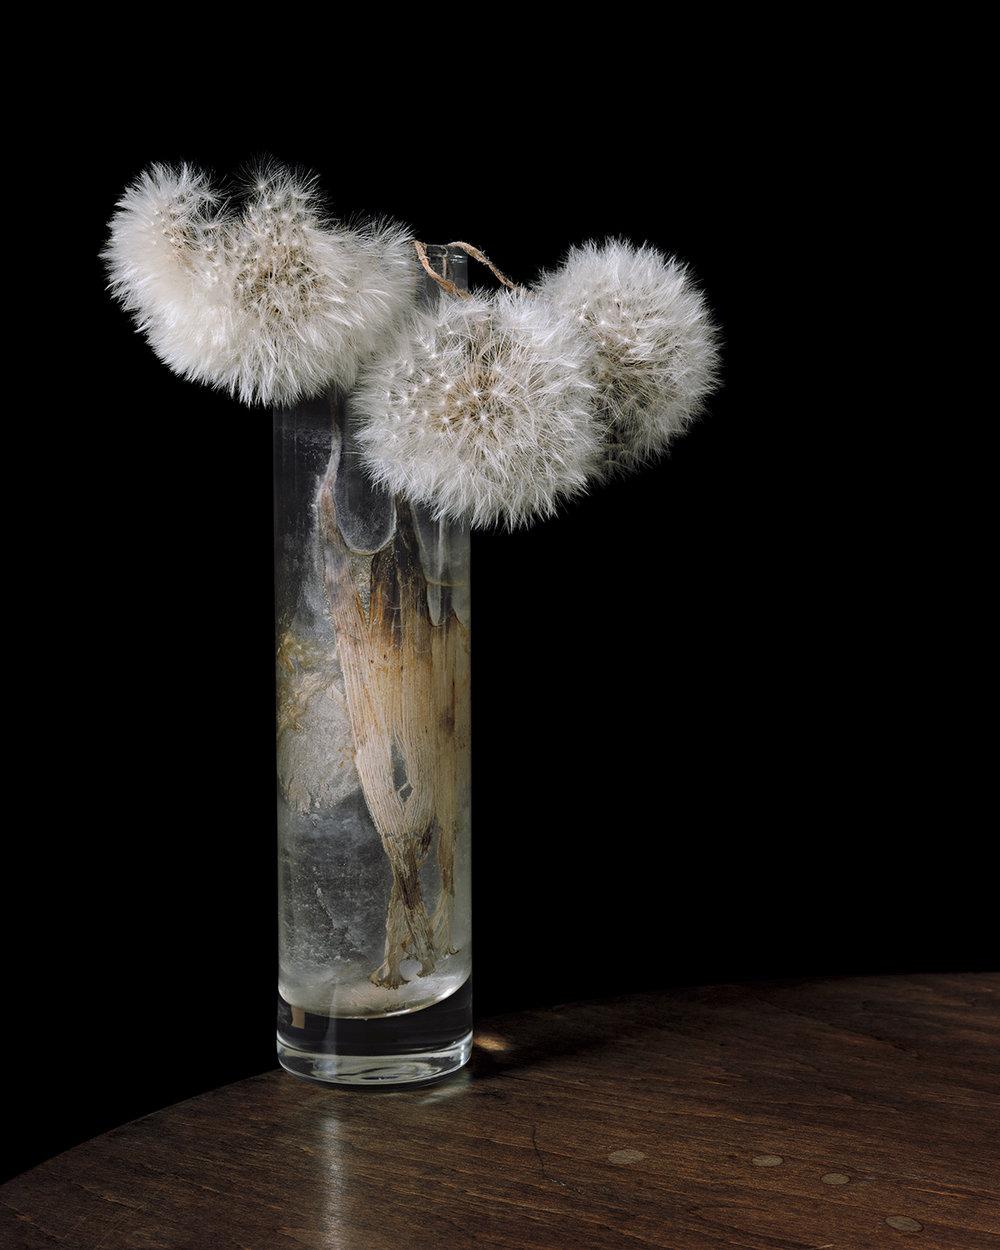 Brigitte_Lustenberger_ThisSenseOfWonder_FlowersXXXIX_04.jpg